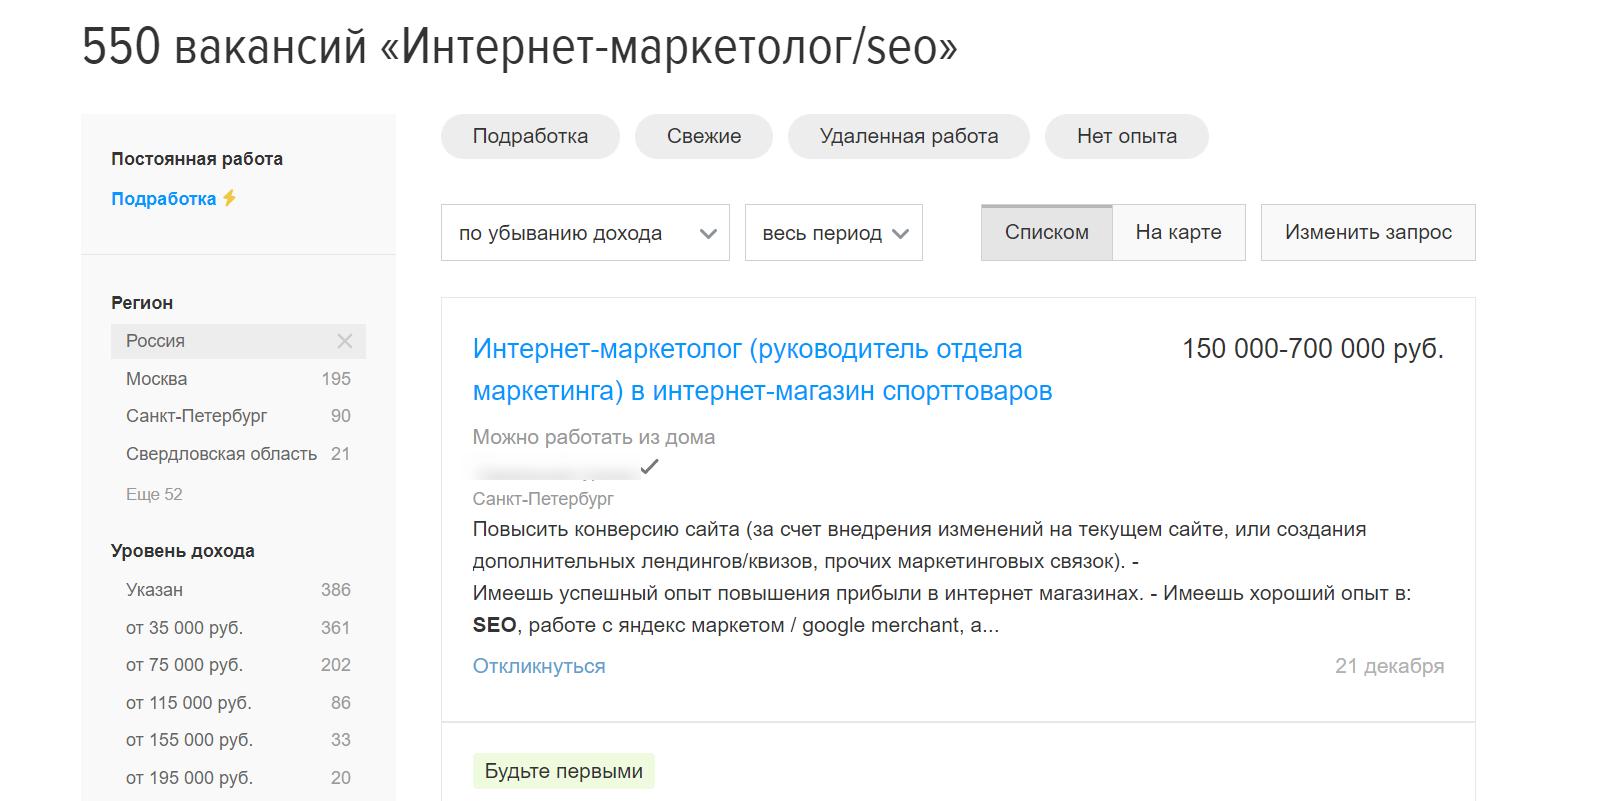 Вакансия интернет-маркетолог (руководитель) с зарплатой до 700 000 руб.